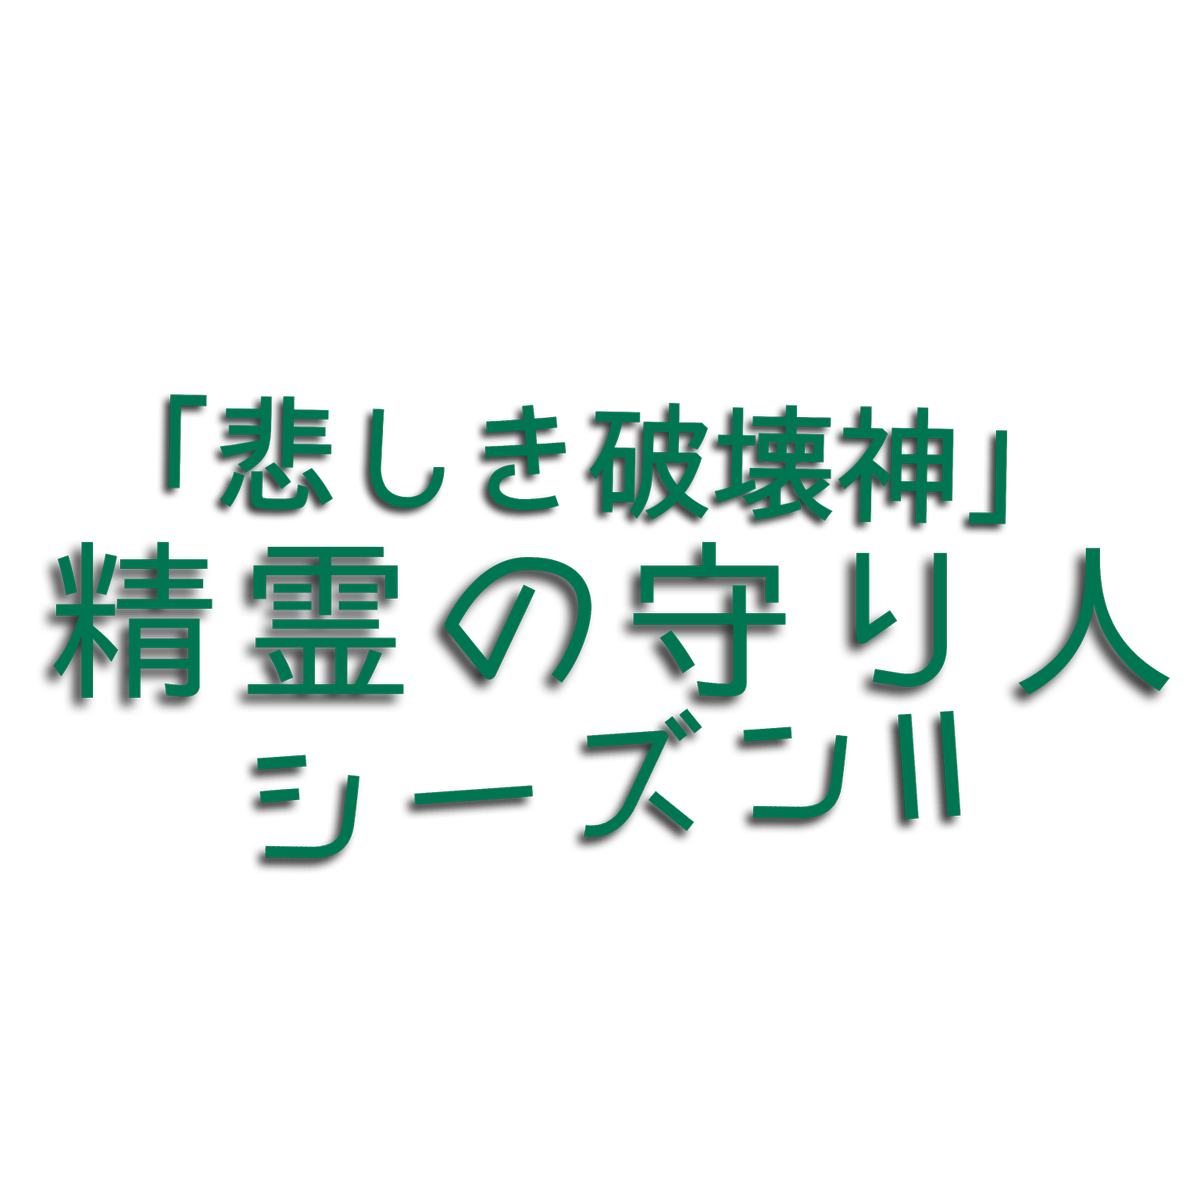 【過去記事】ドラマ精霊の守り人シーズン2「悲しき破壊神」全話あらすじまとめと該当する原作【ネタバレ】 -